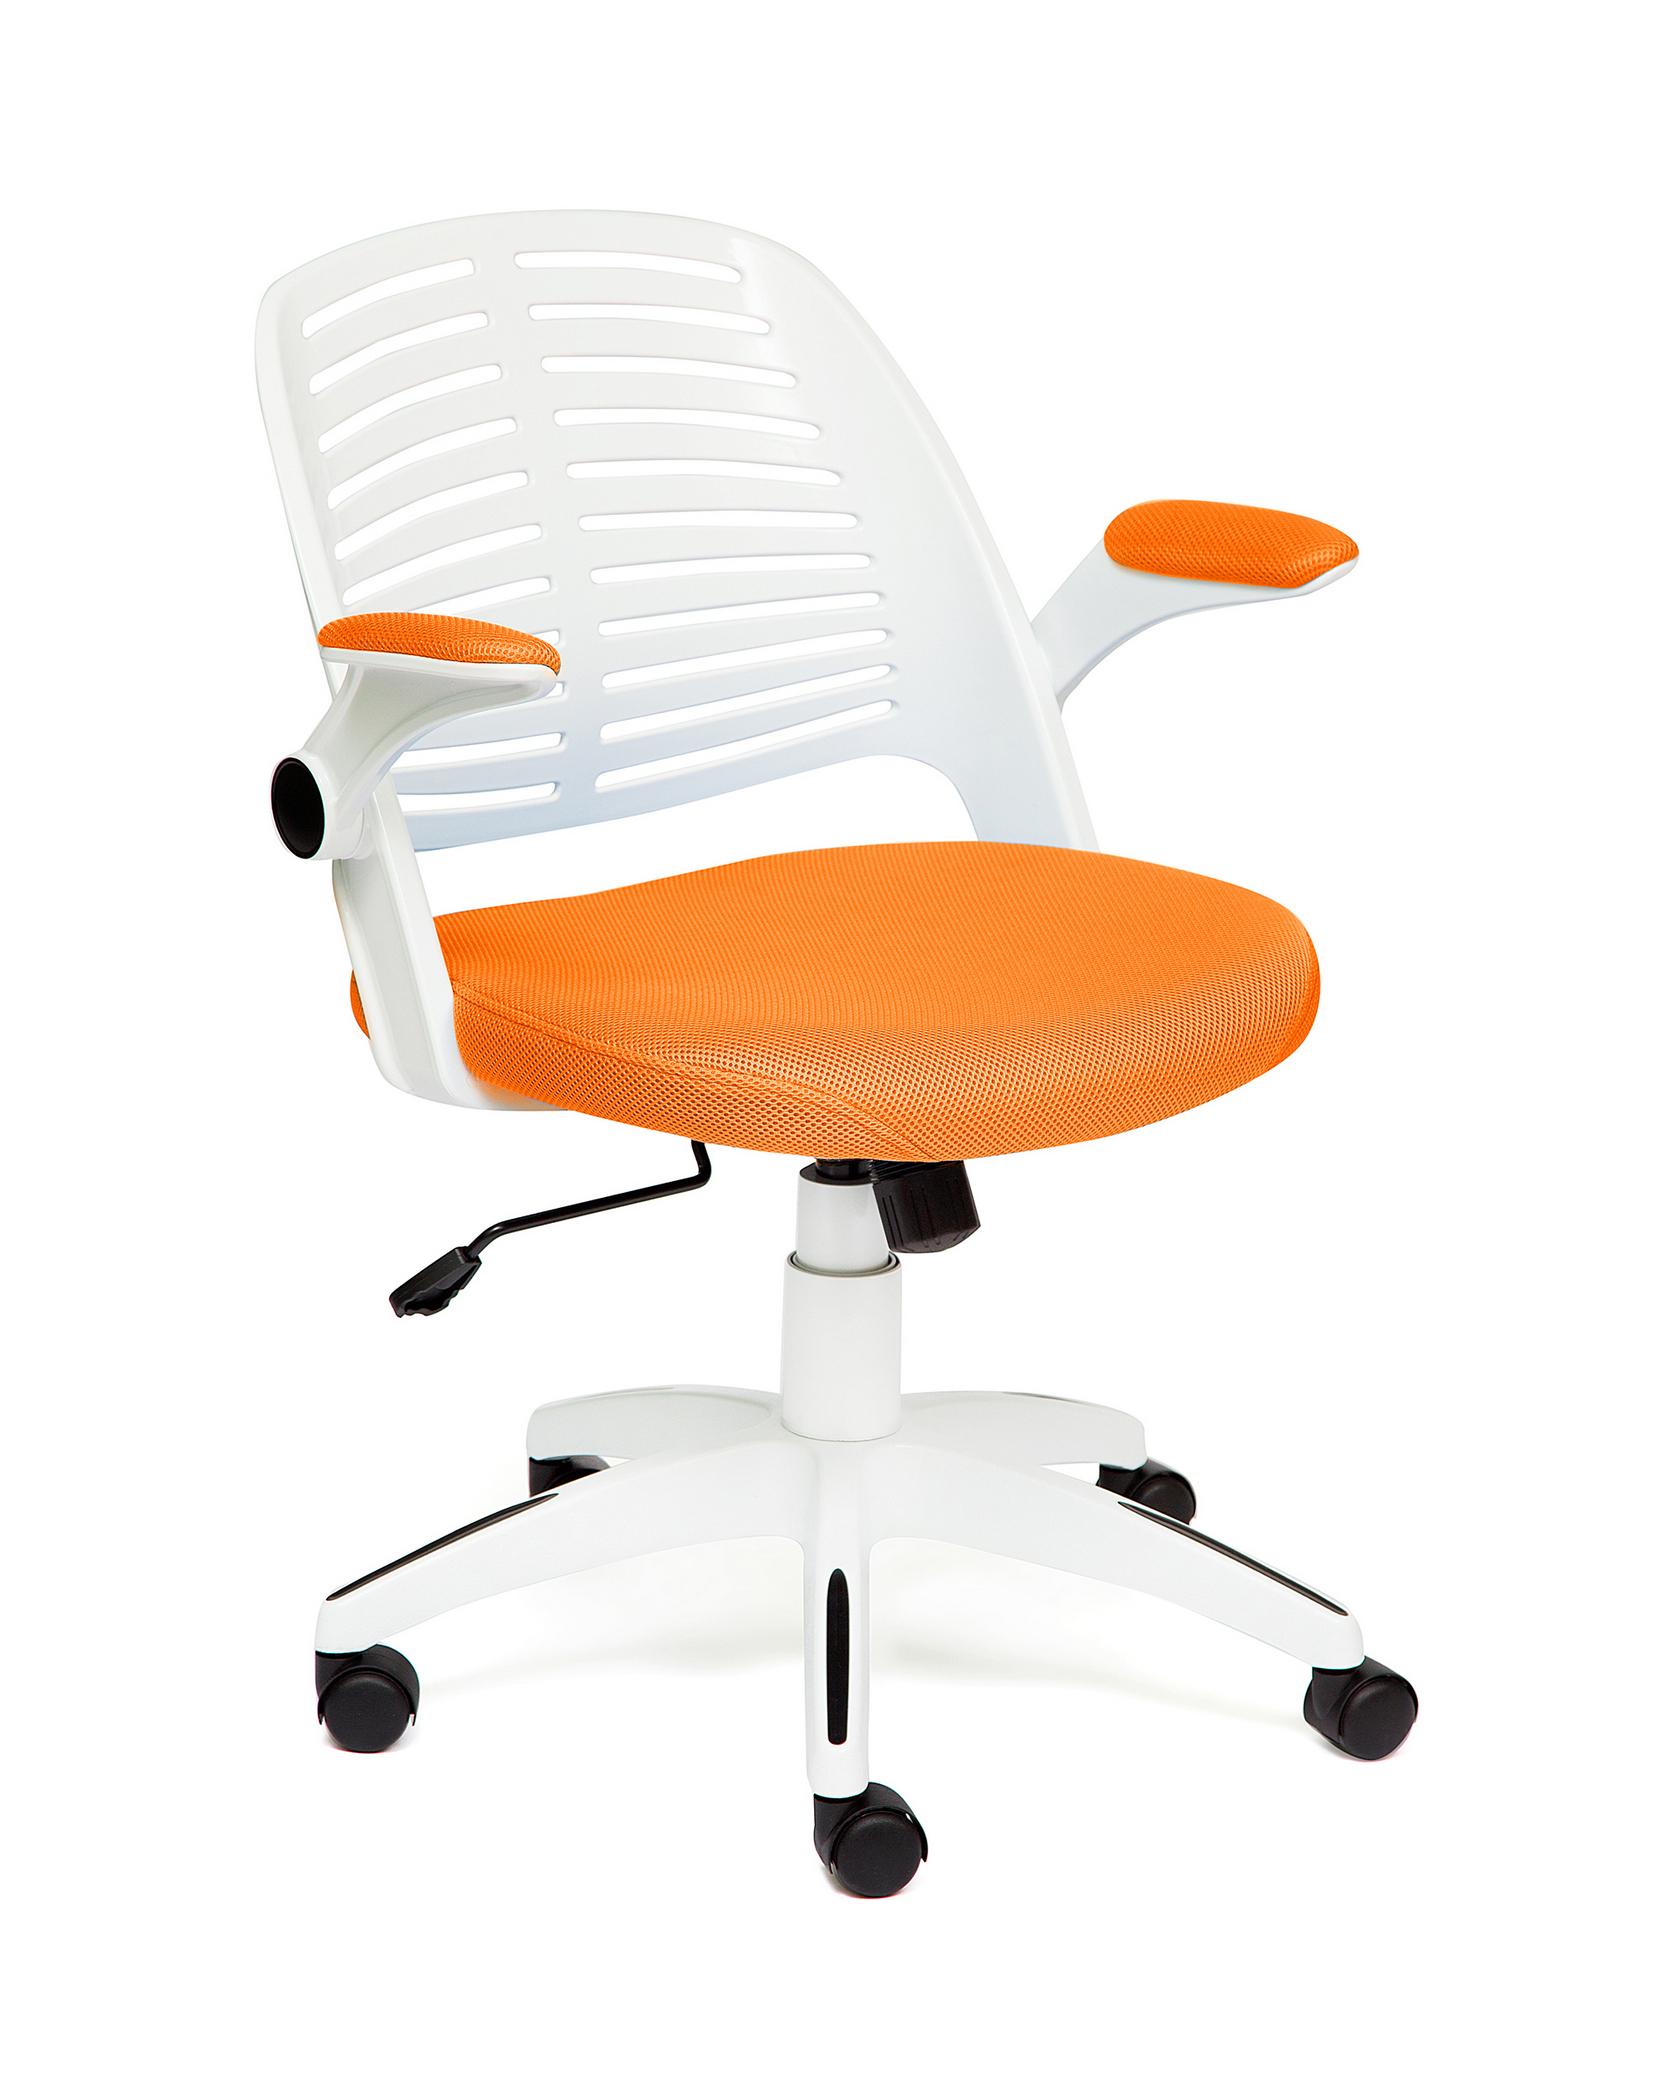 Офисное кресло TetChair Офисное кресло 1244457, оранжевый